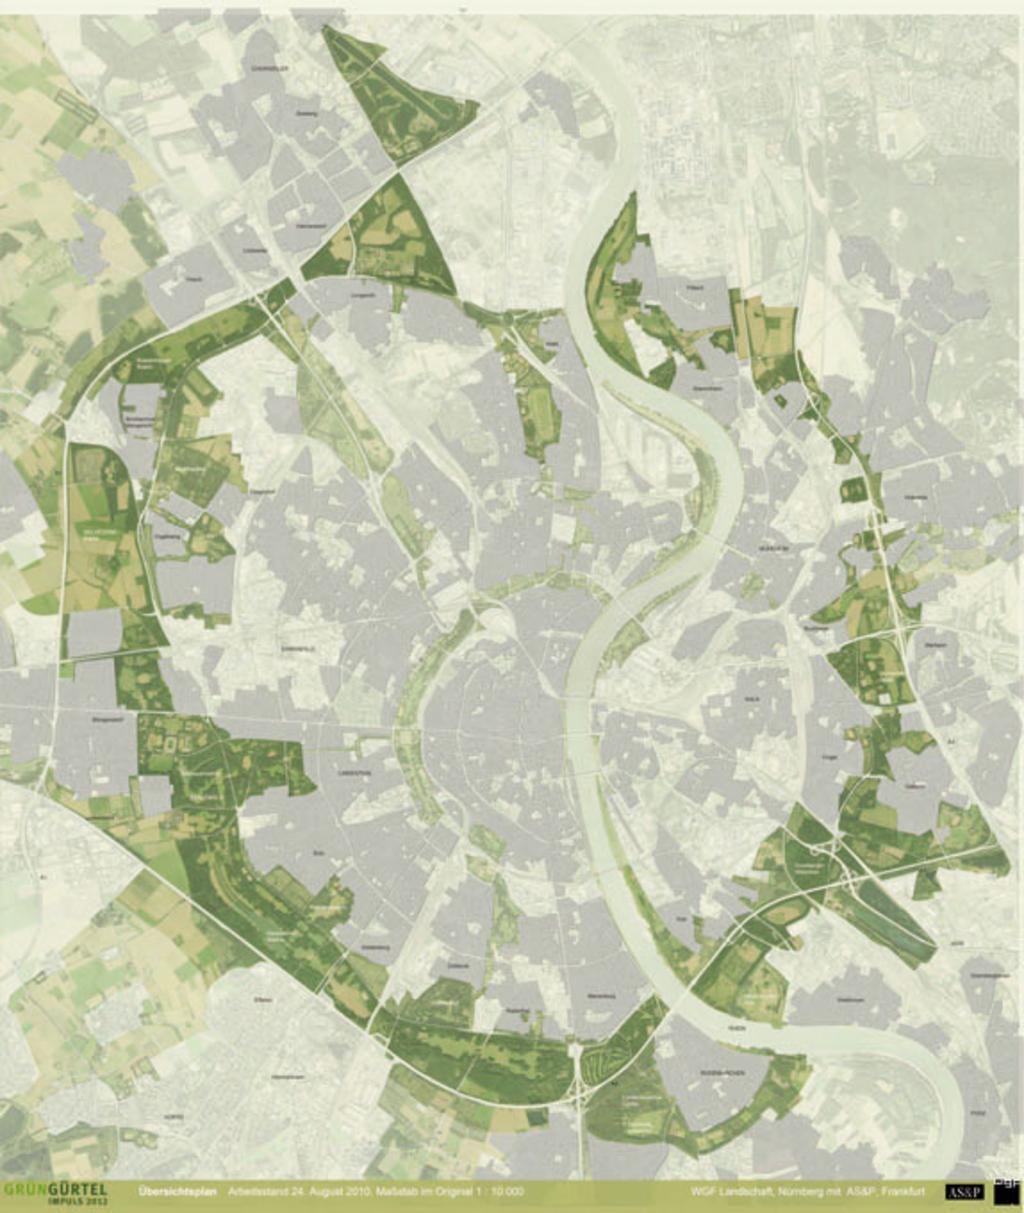 Köln Grüngürtel